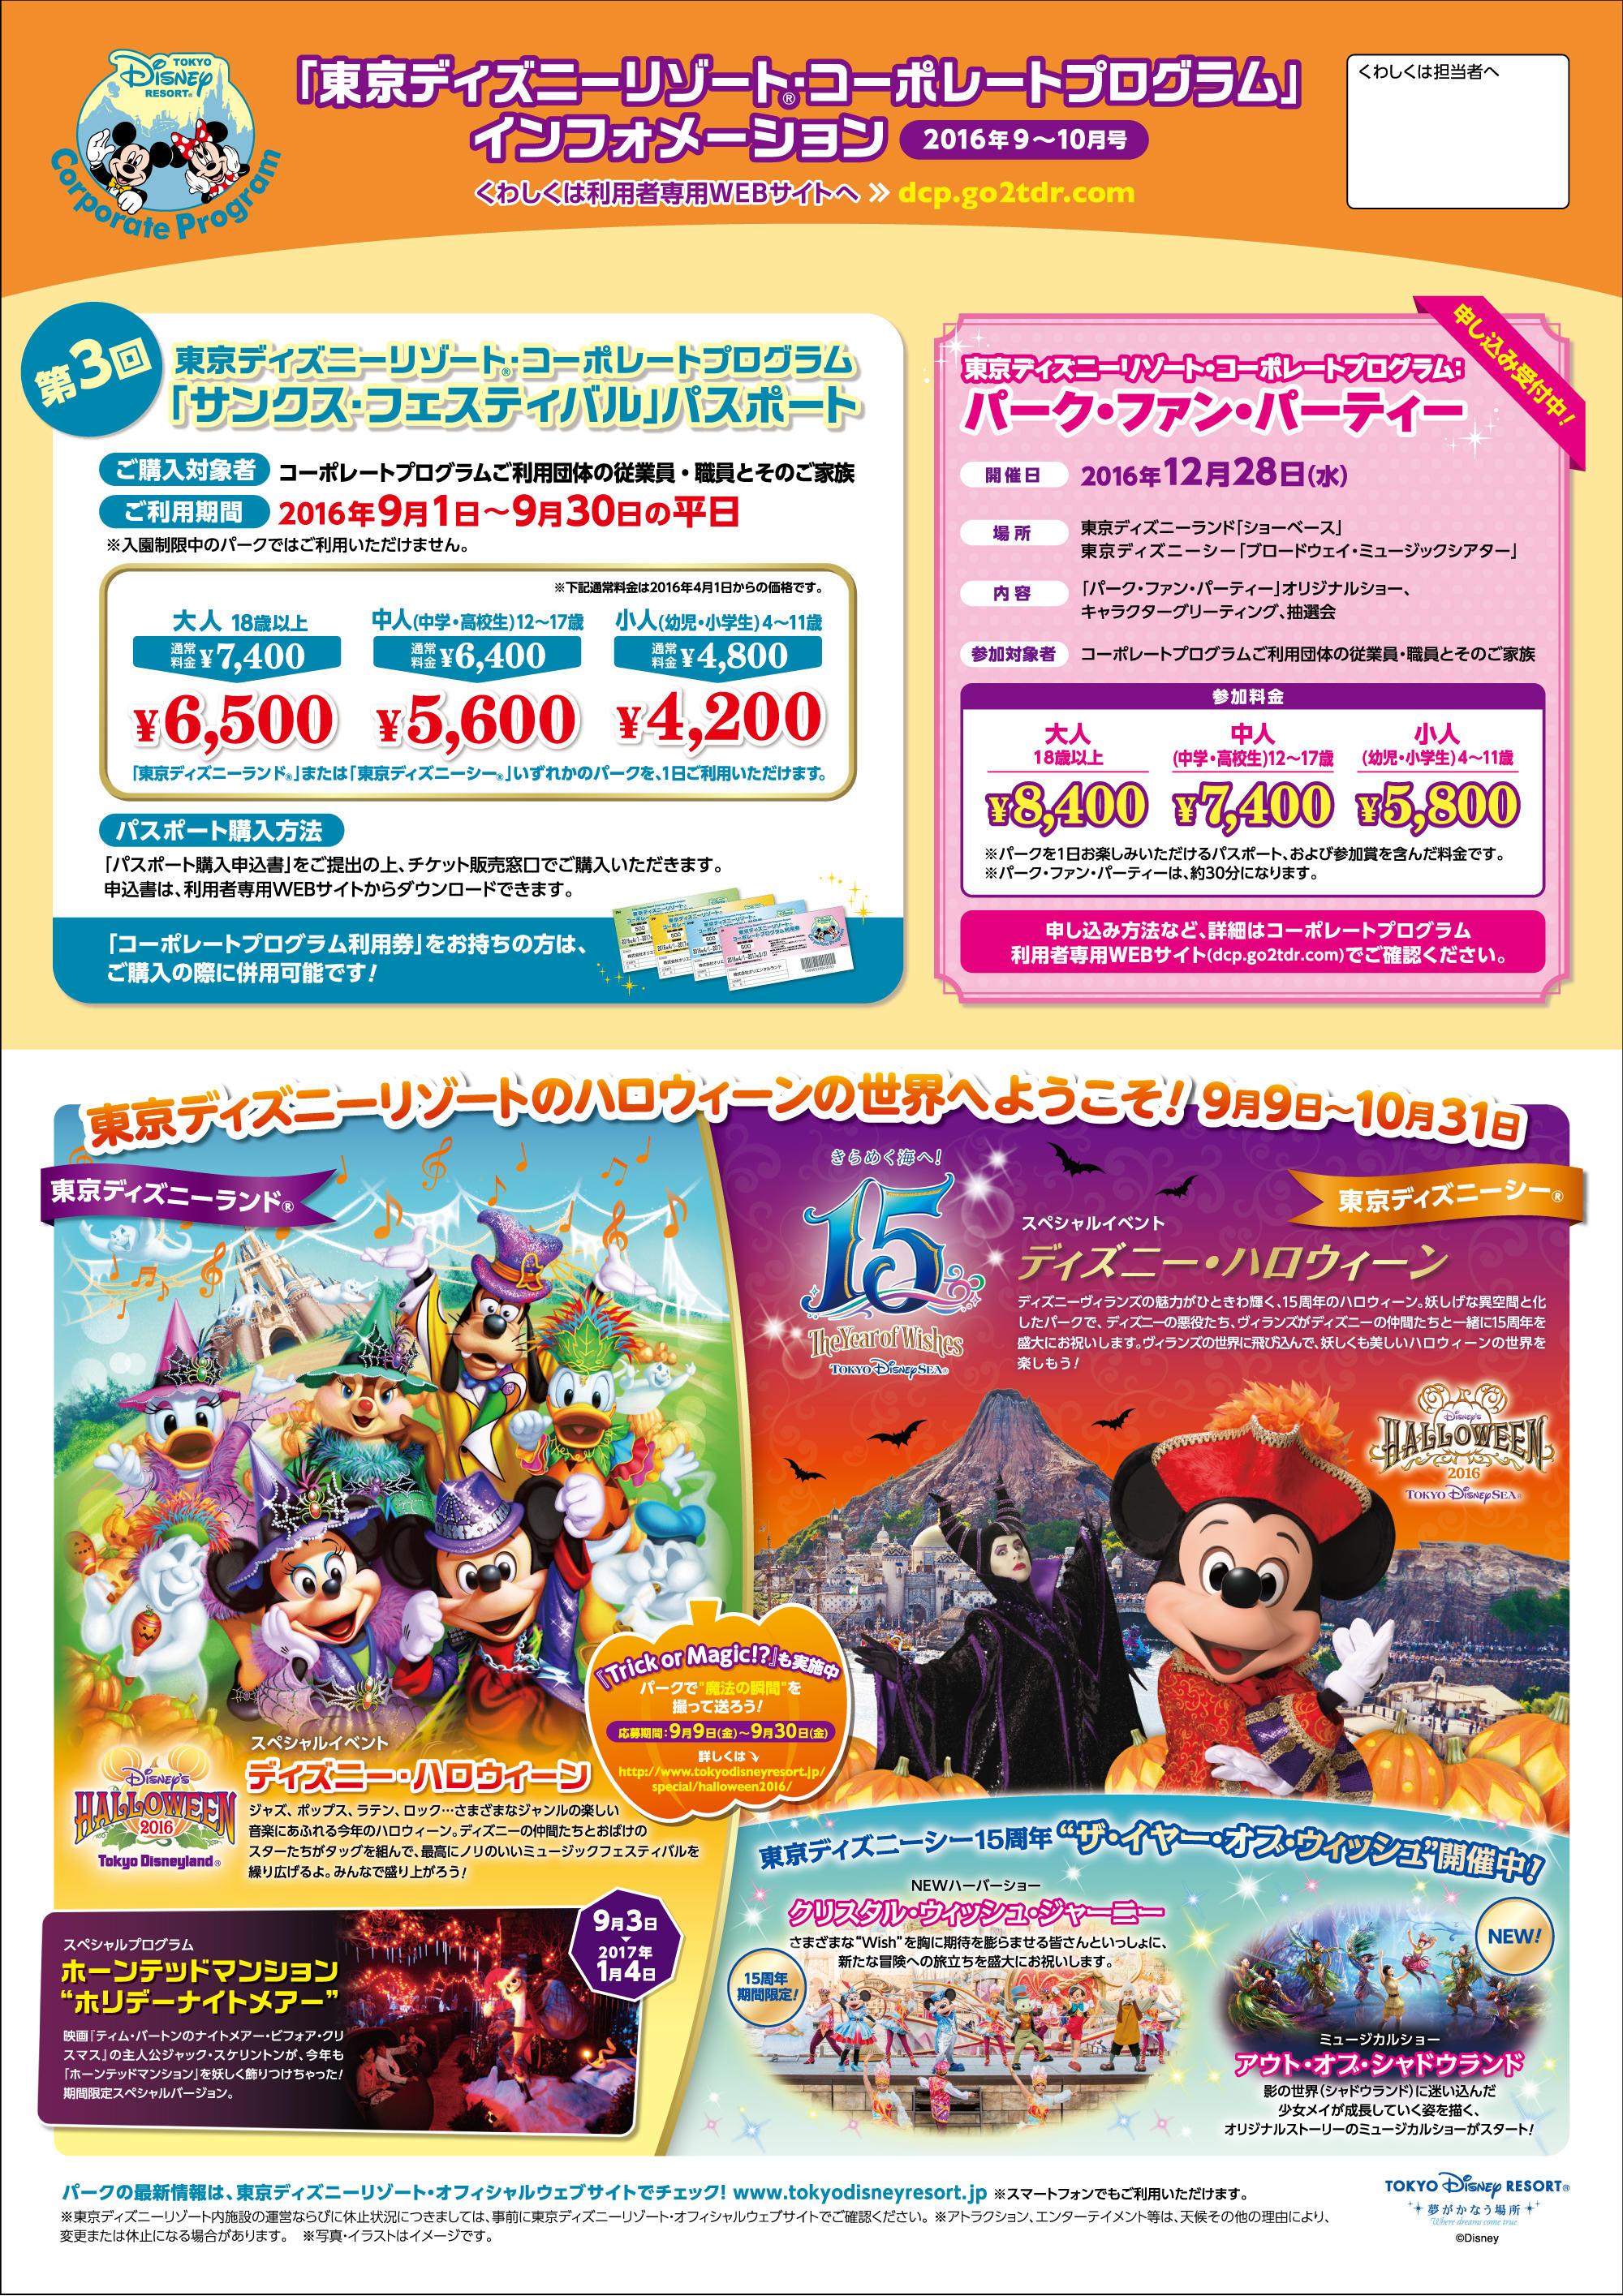 東京ディズニーリゾート 「サンクス・フェスティバル」パスポートのご